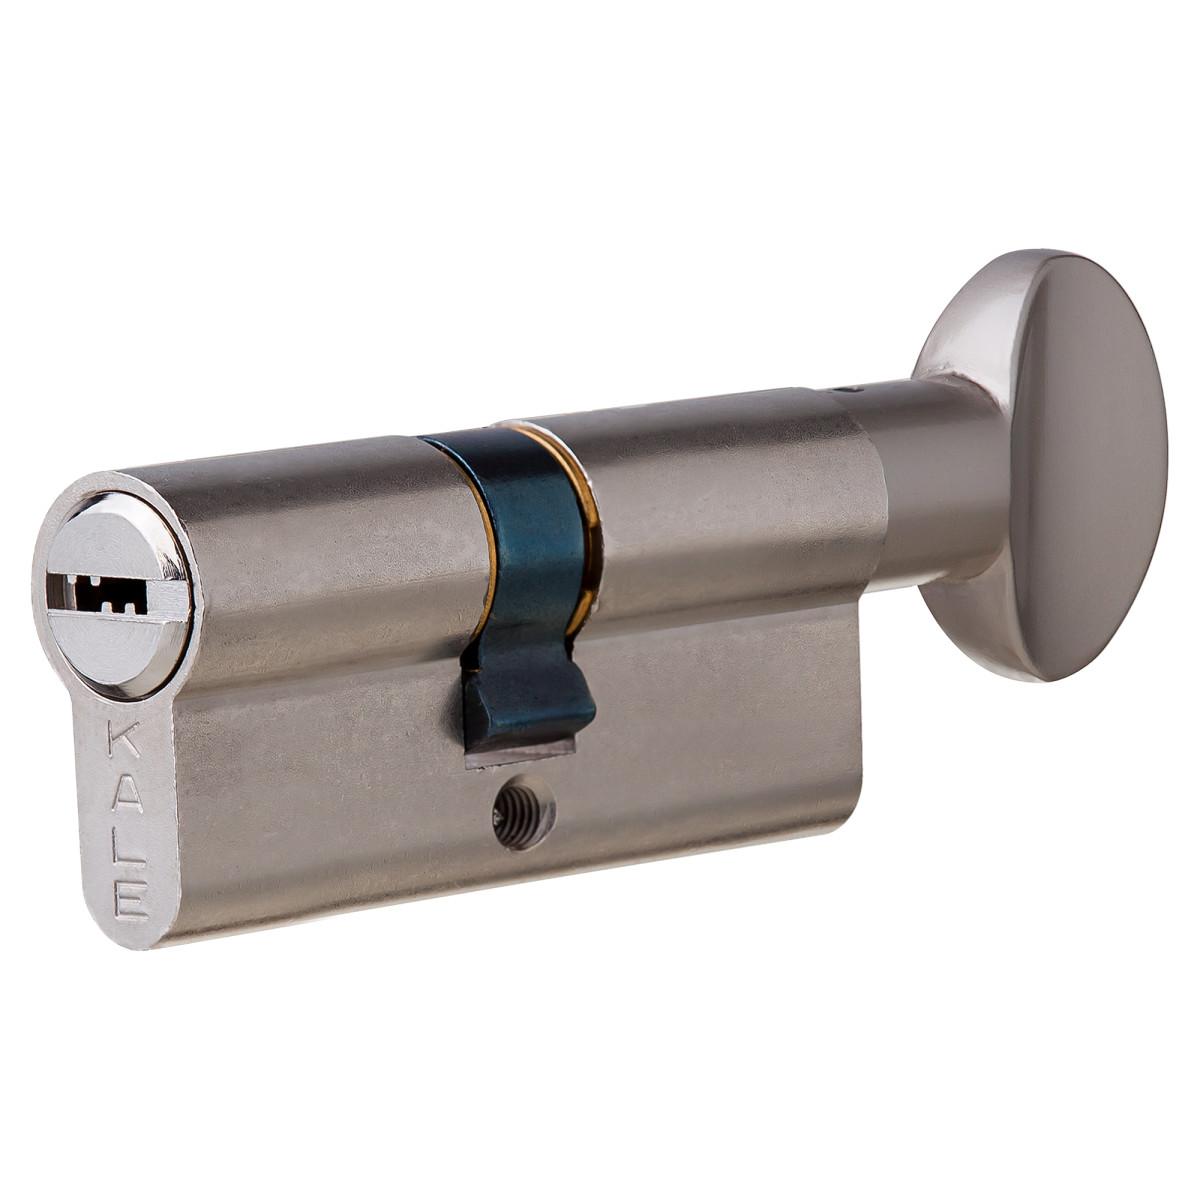 Цилиндр Kale 164BM-72-C-NP 30х32 мм ключ/вертушка цвет никель